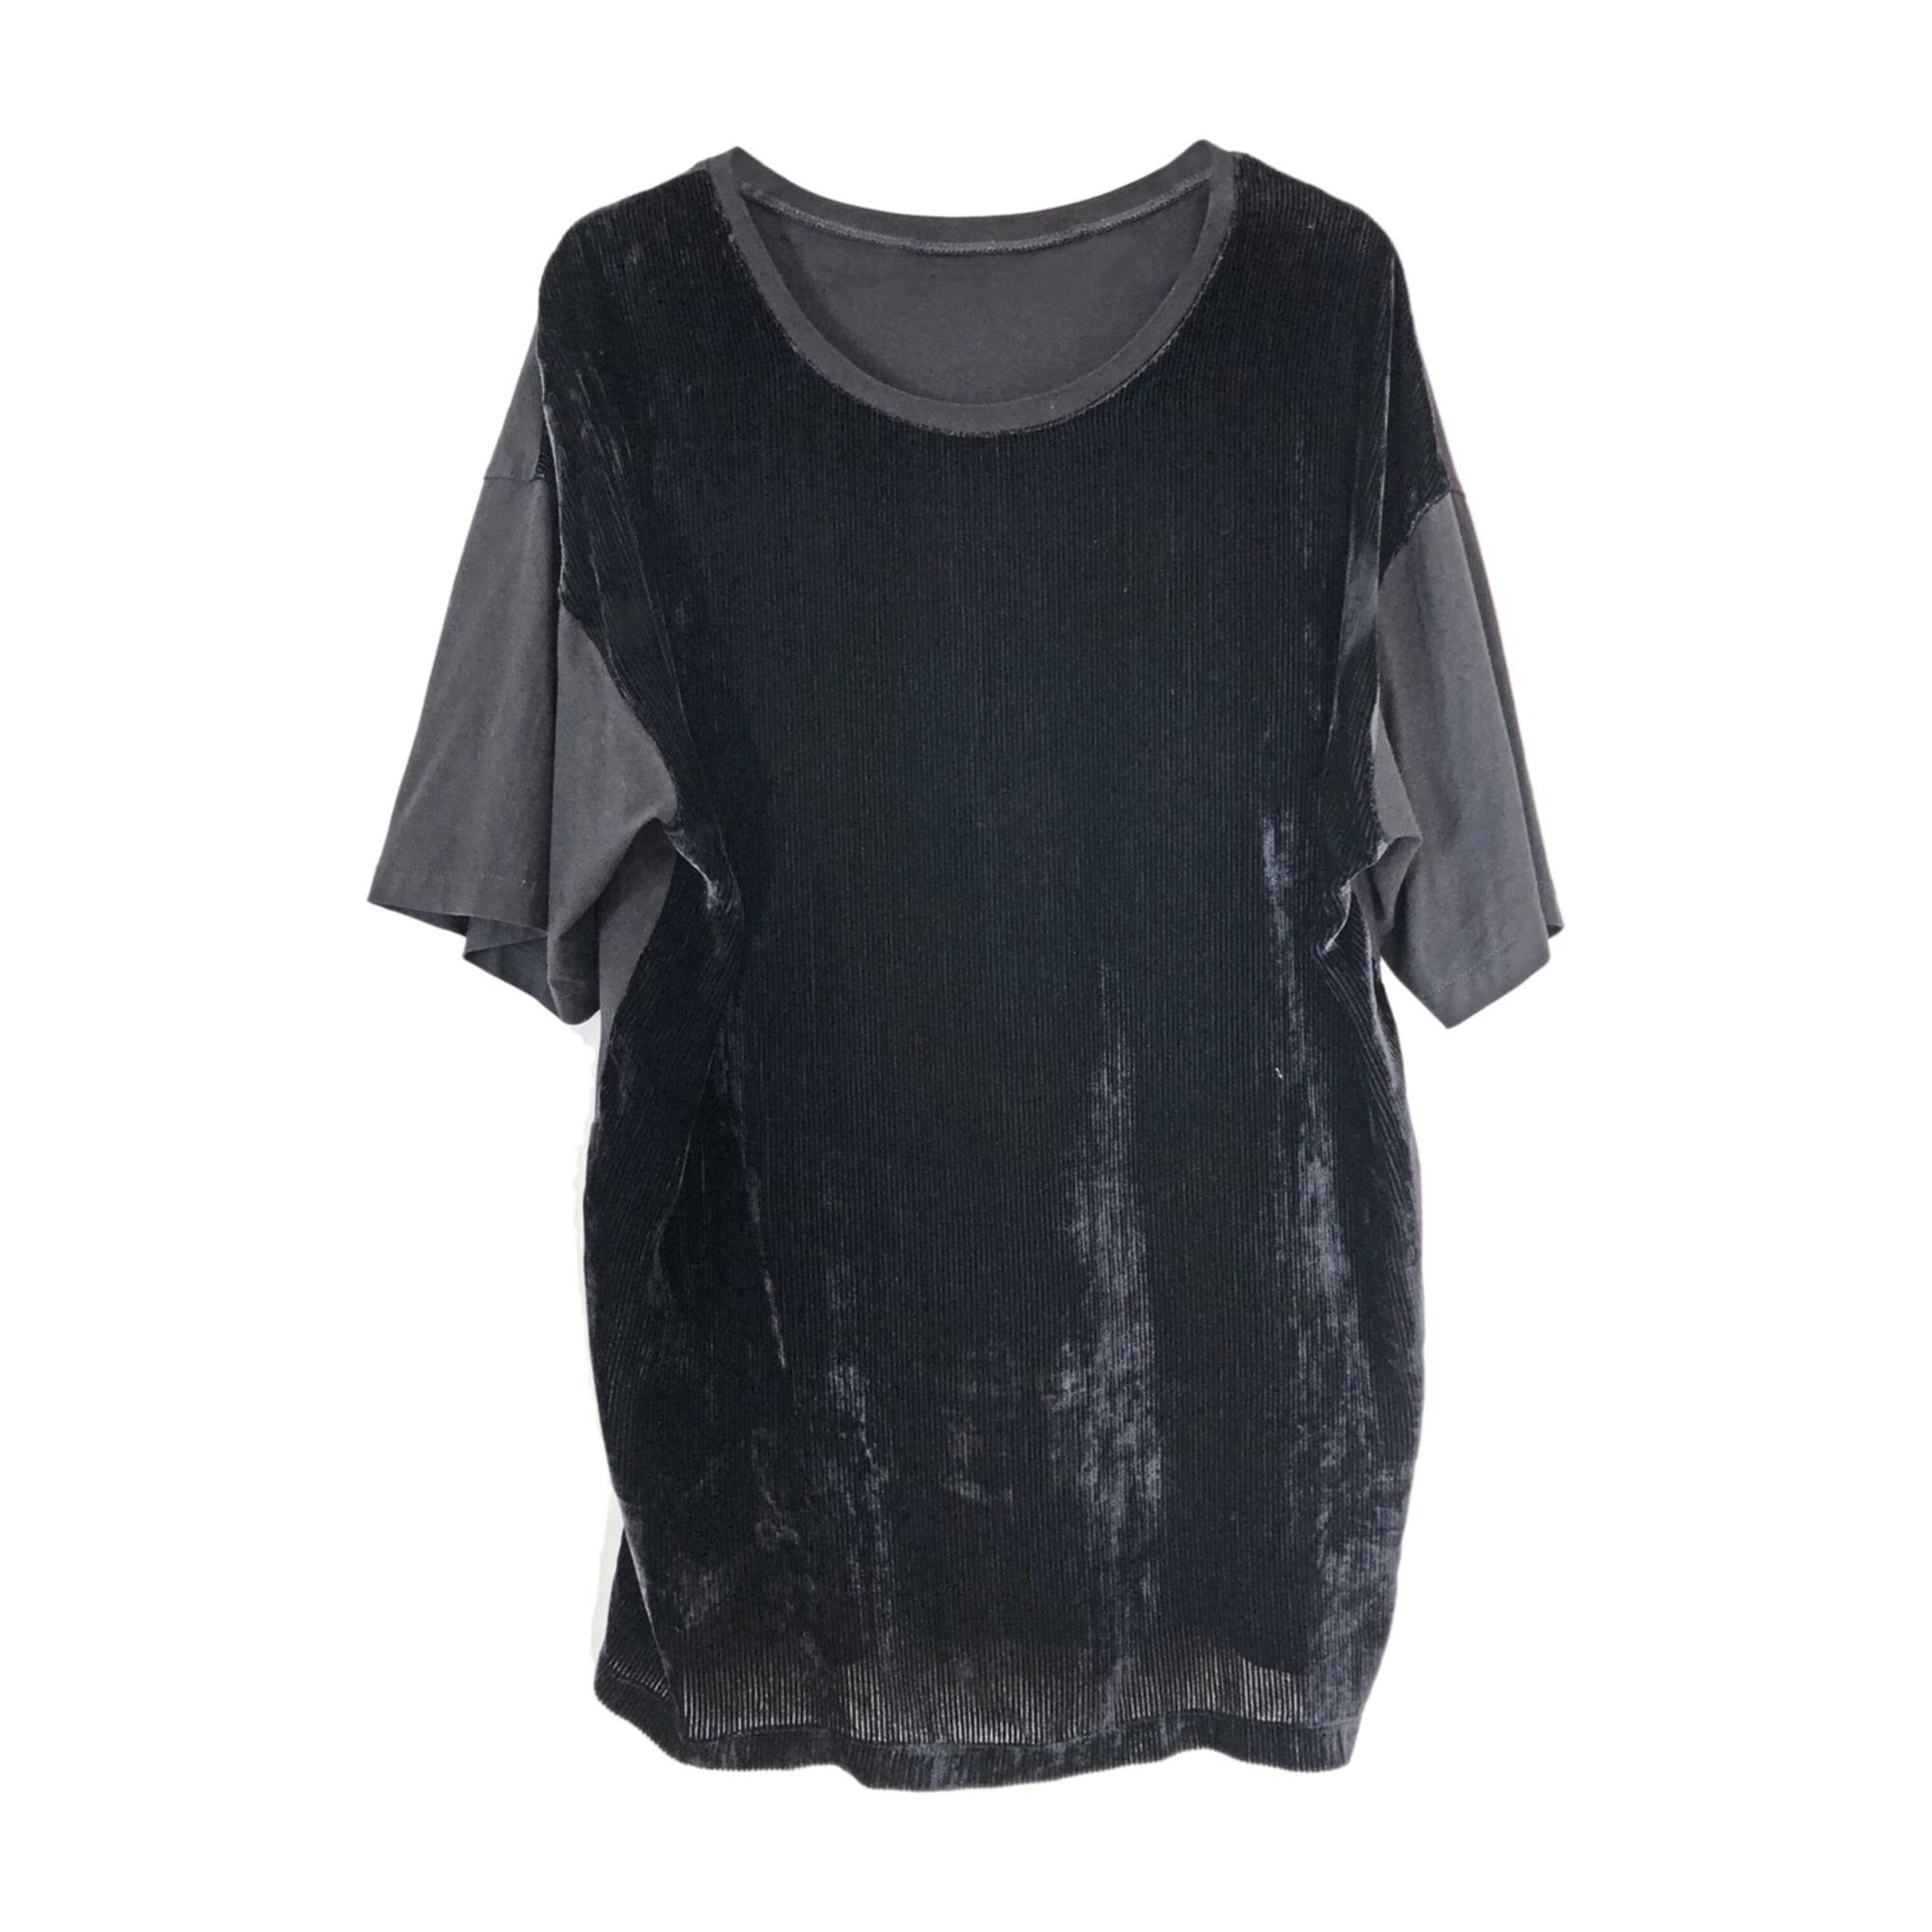 Tee-shirt ANN DEMEULEMEESTER Noir